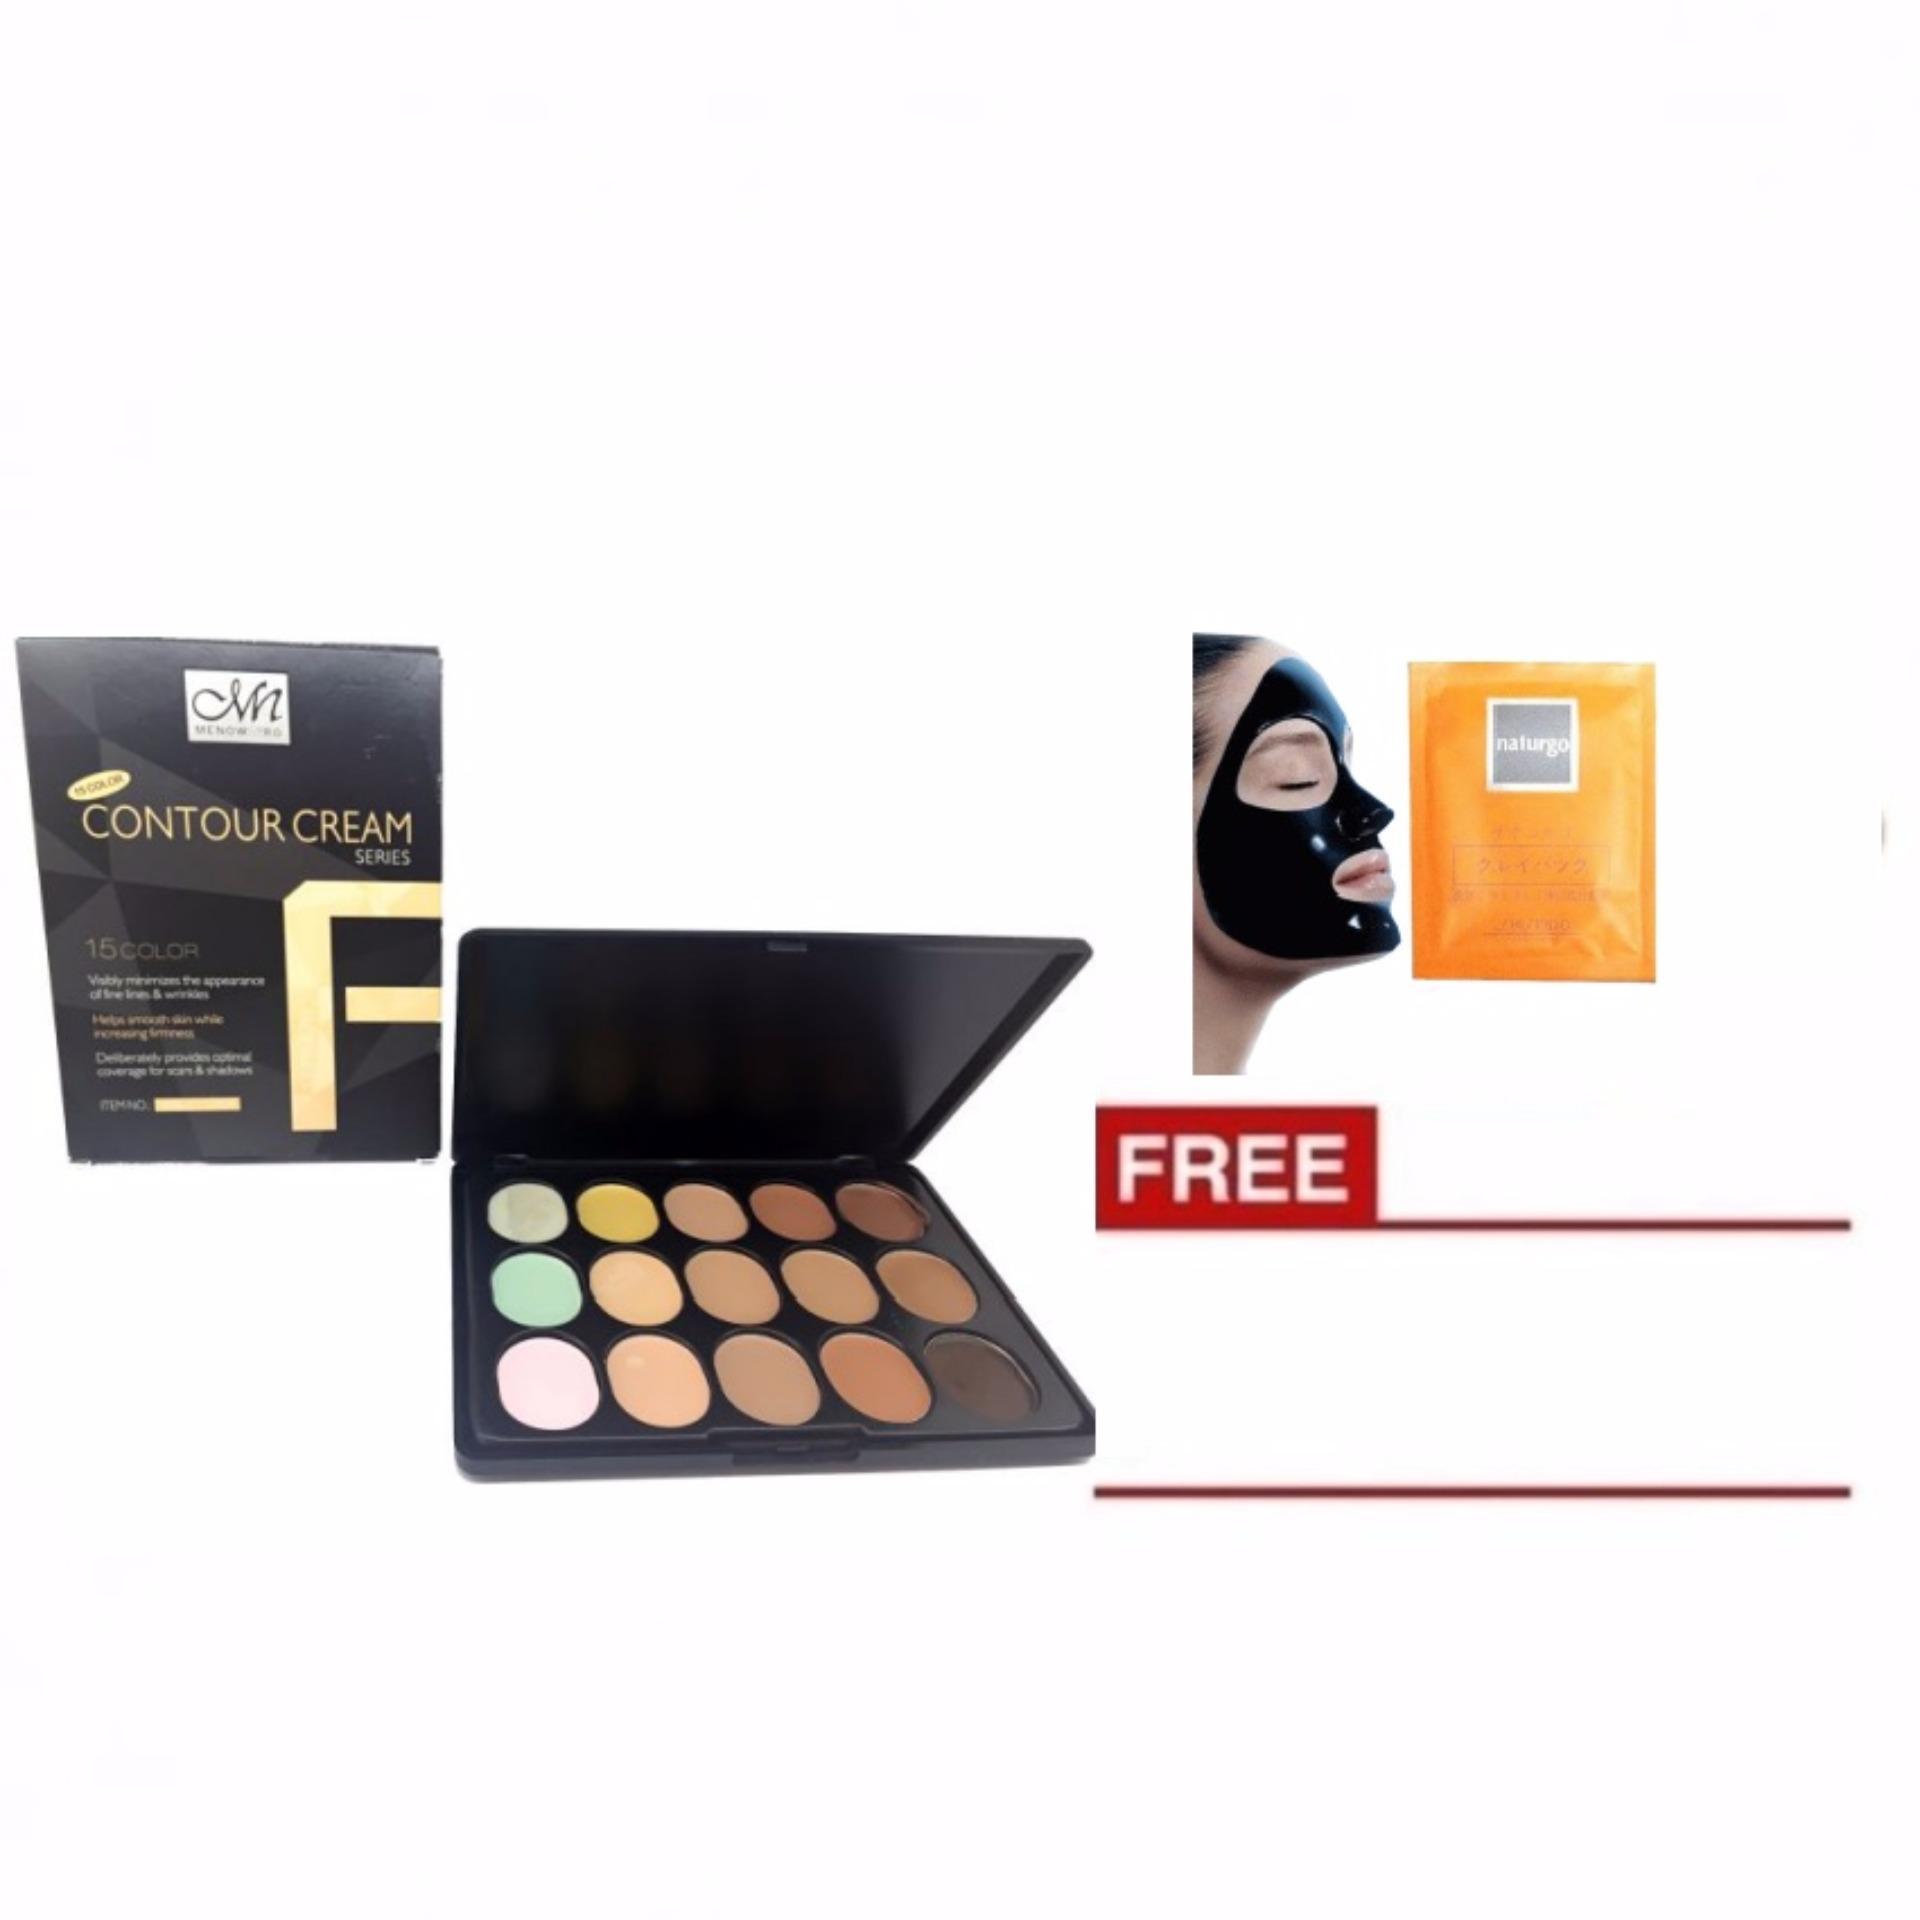 Mn Contour Cream Series 15 Colors Camouflage Concealer Palette Dan Pensil Alis Viva Original Me Now Color Pro Foundation Free Naturgo 1 Sachet